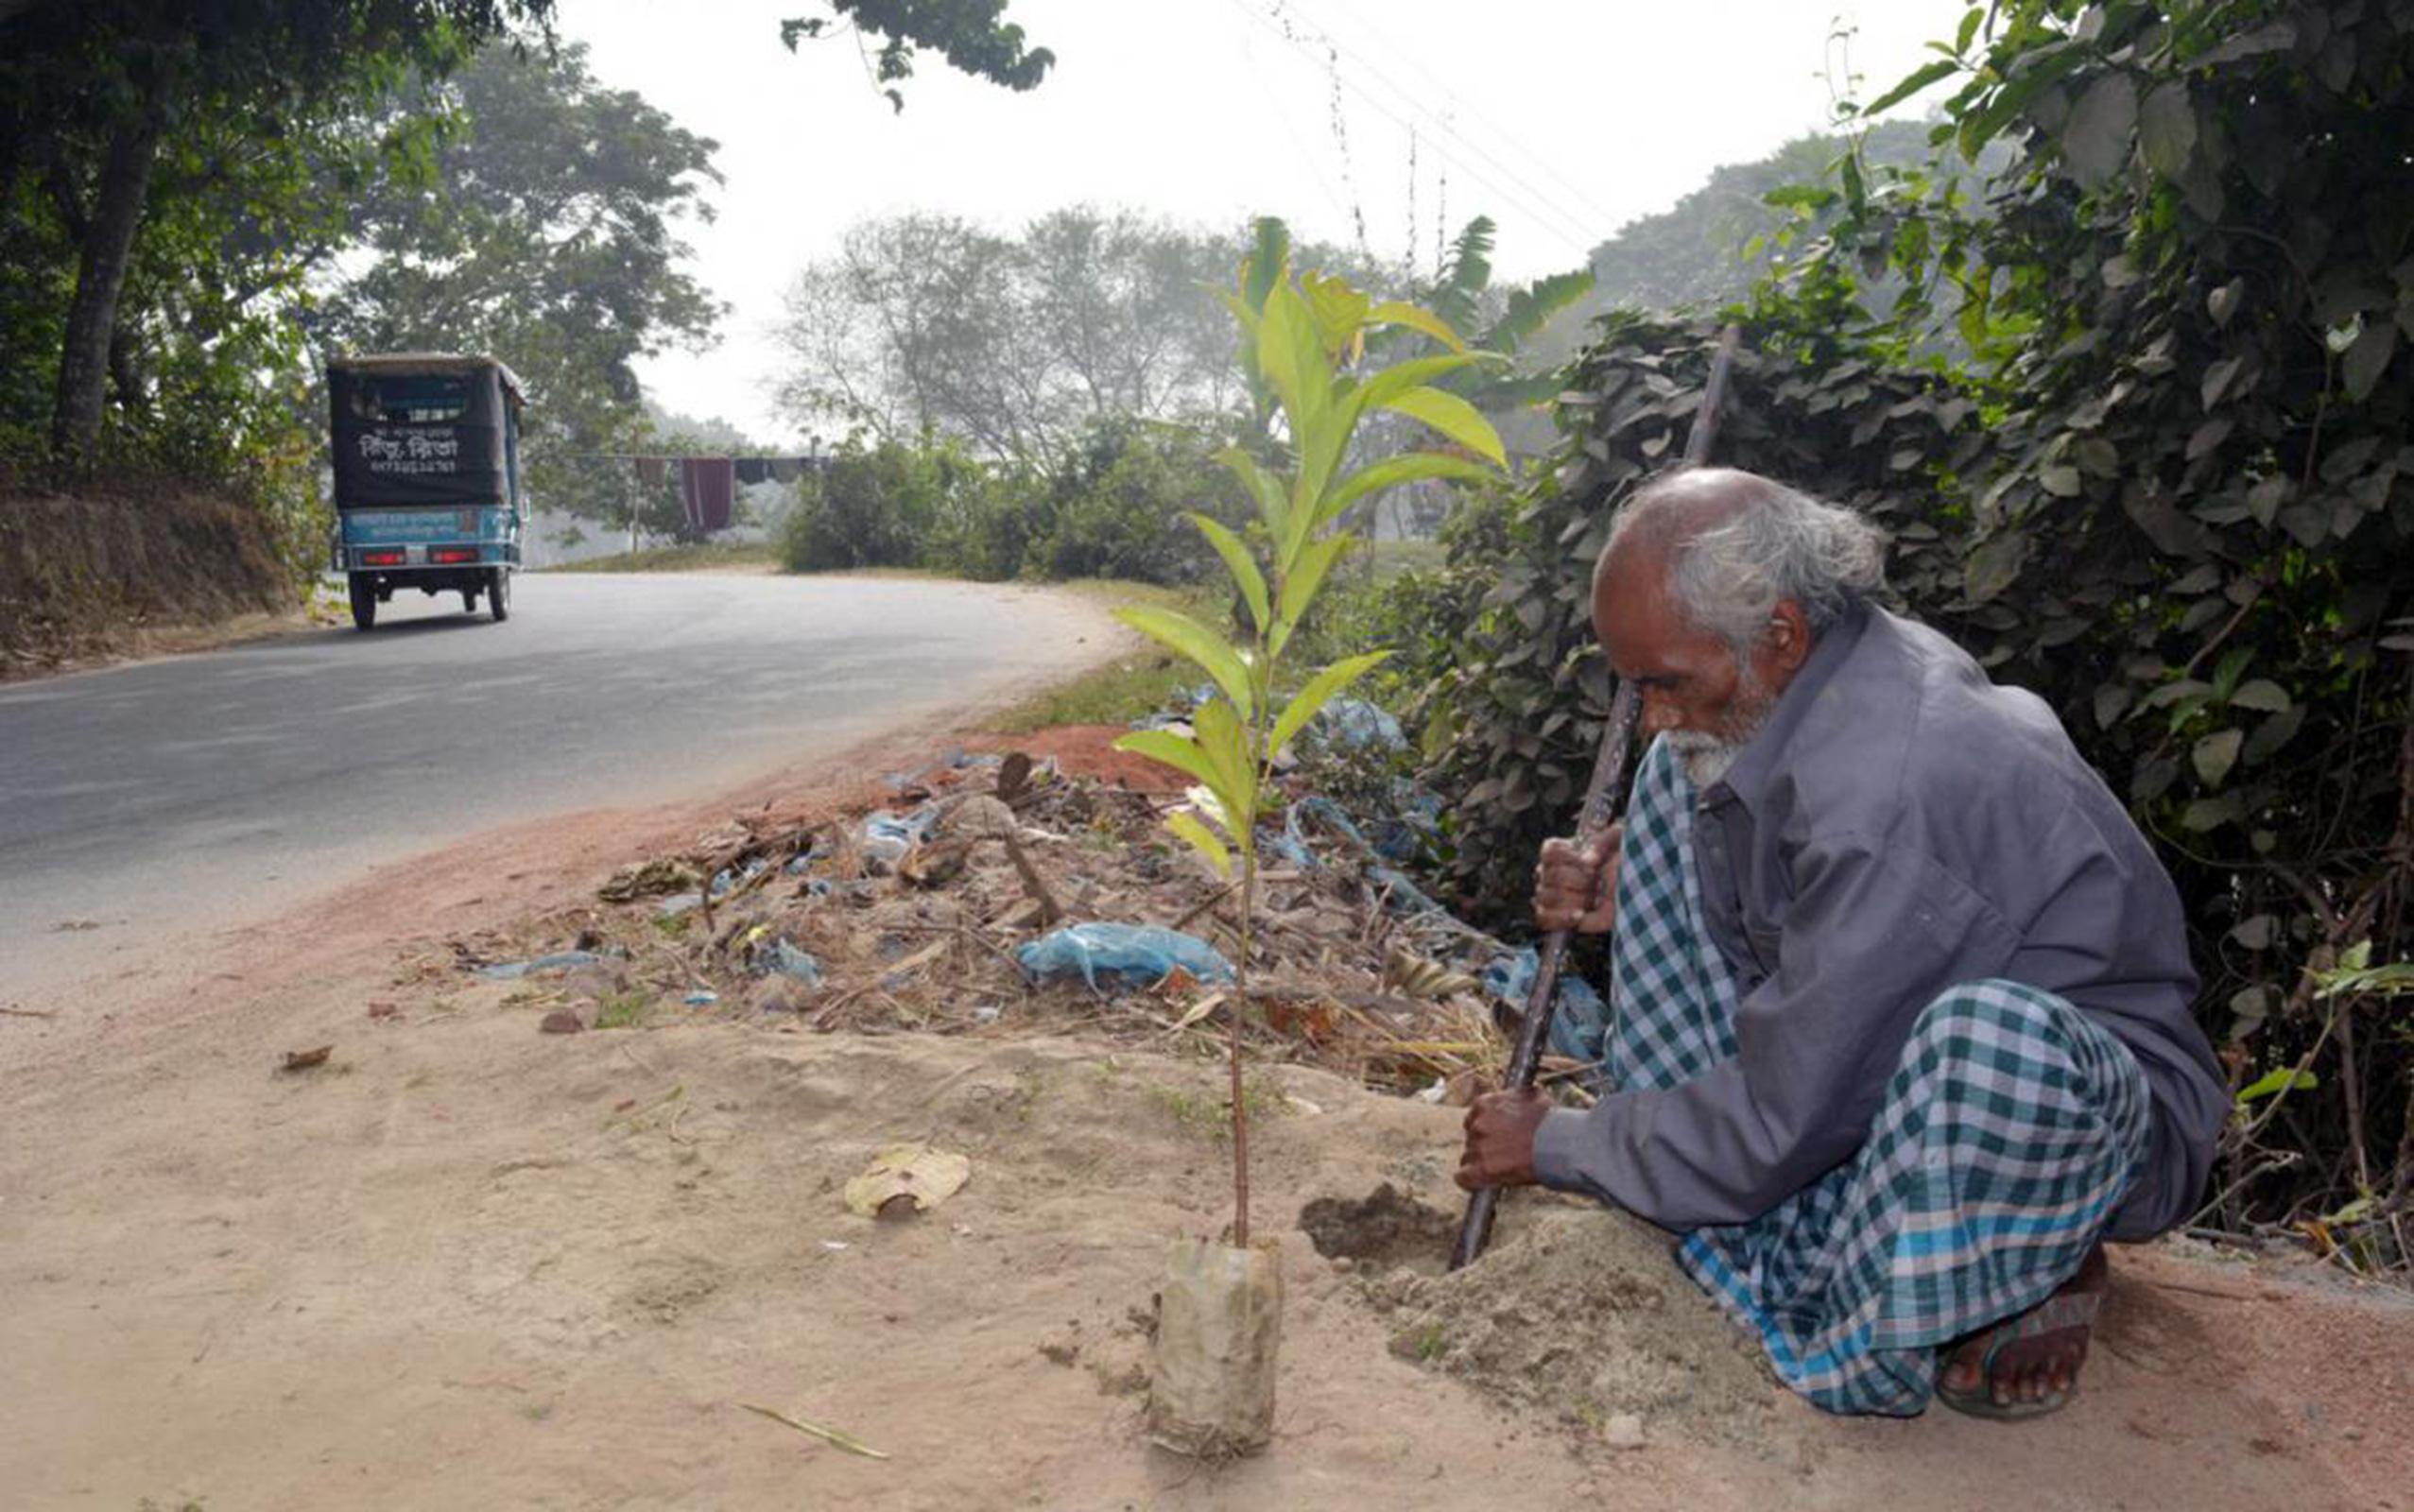 Абдул Самад Шейх посадил более 17 000 деревьев